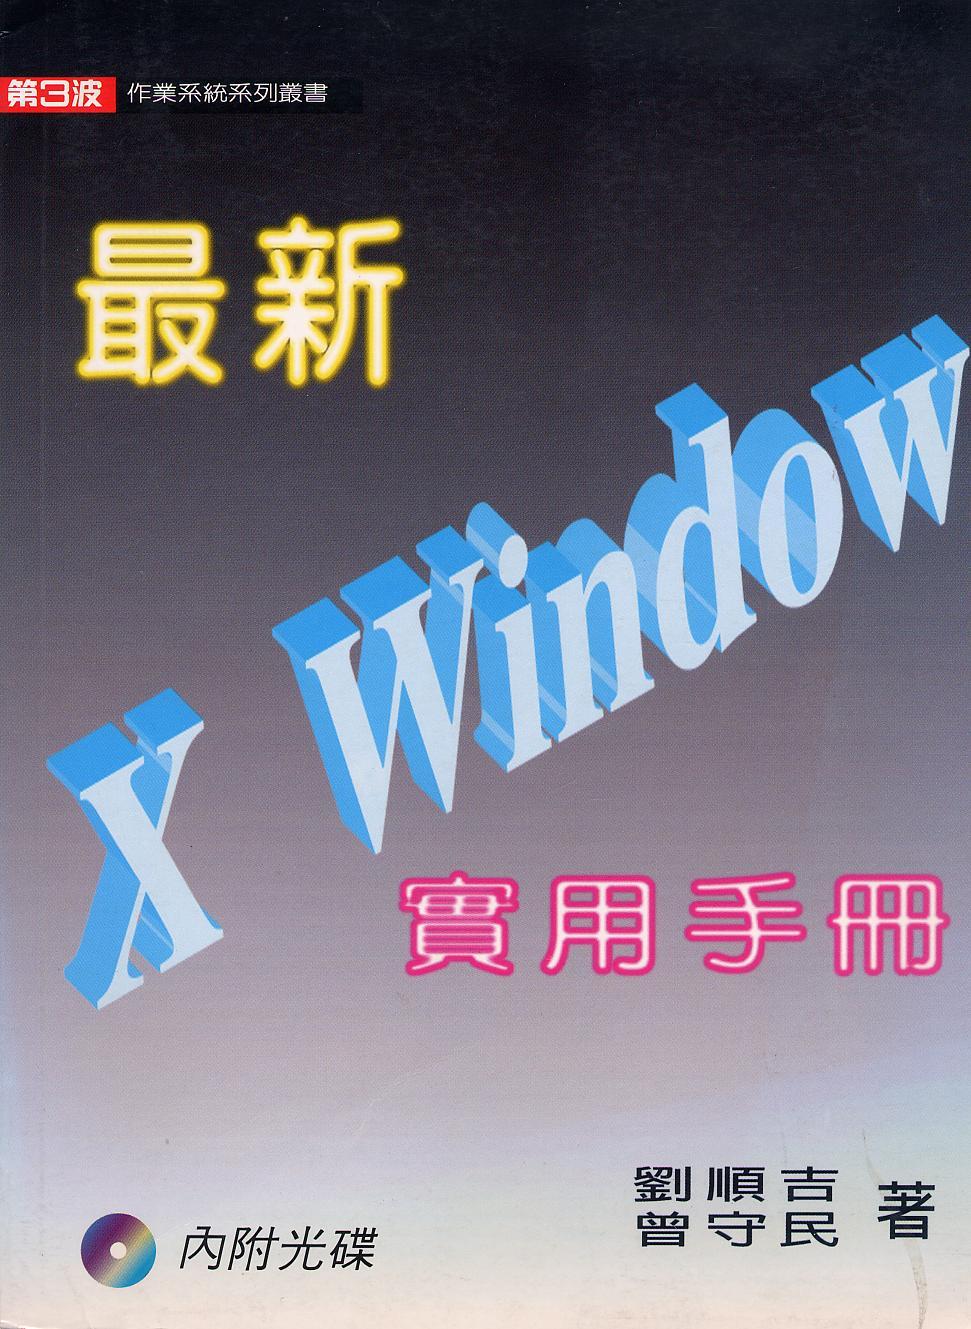 最新 X Window 實用手冊